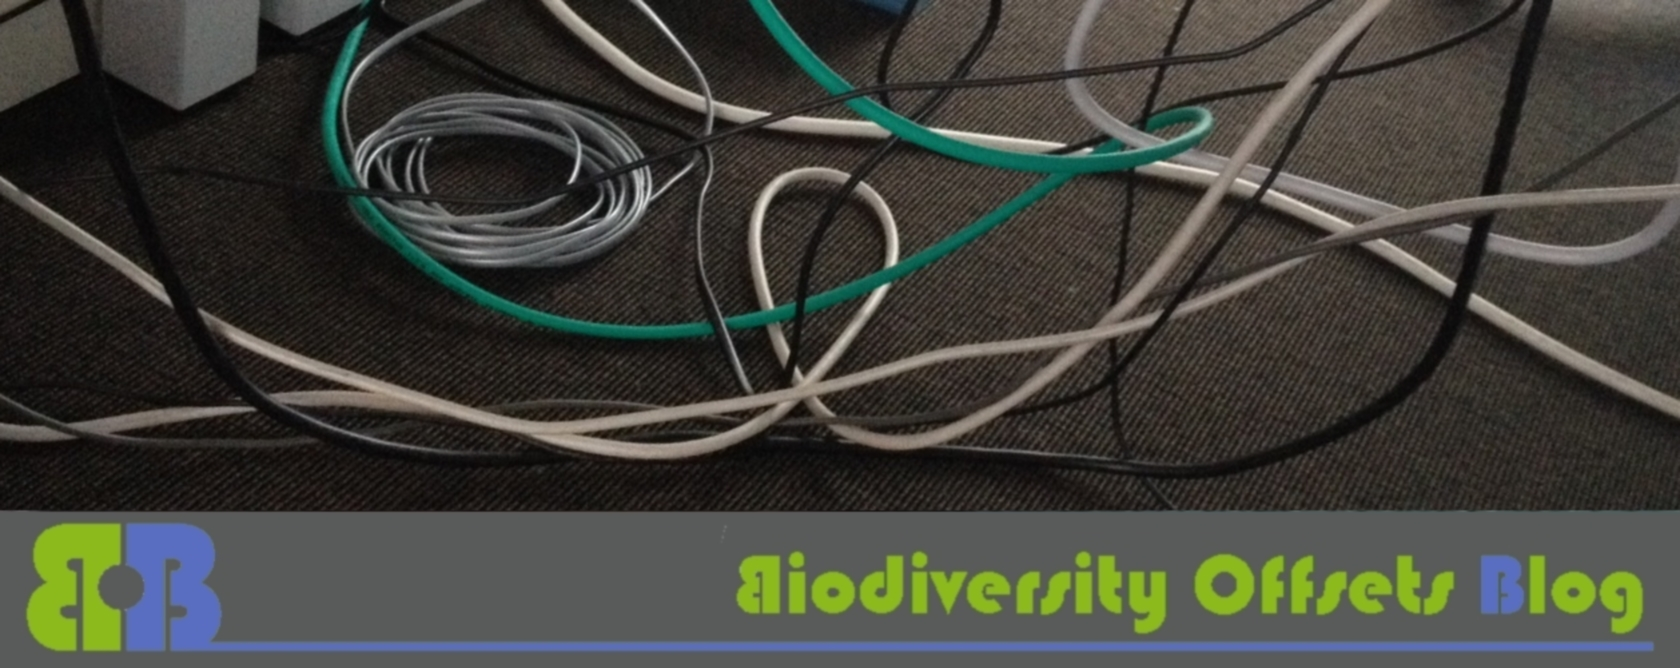 Biodiversity Offsets Blog Logo_hellgruen_wire_1680